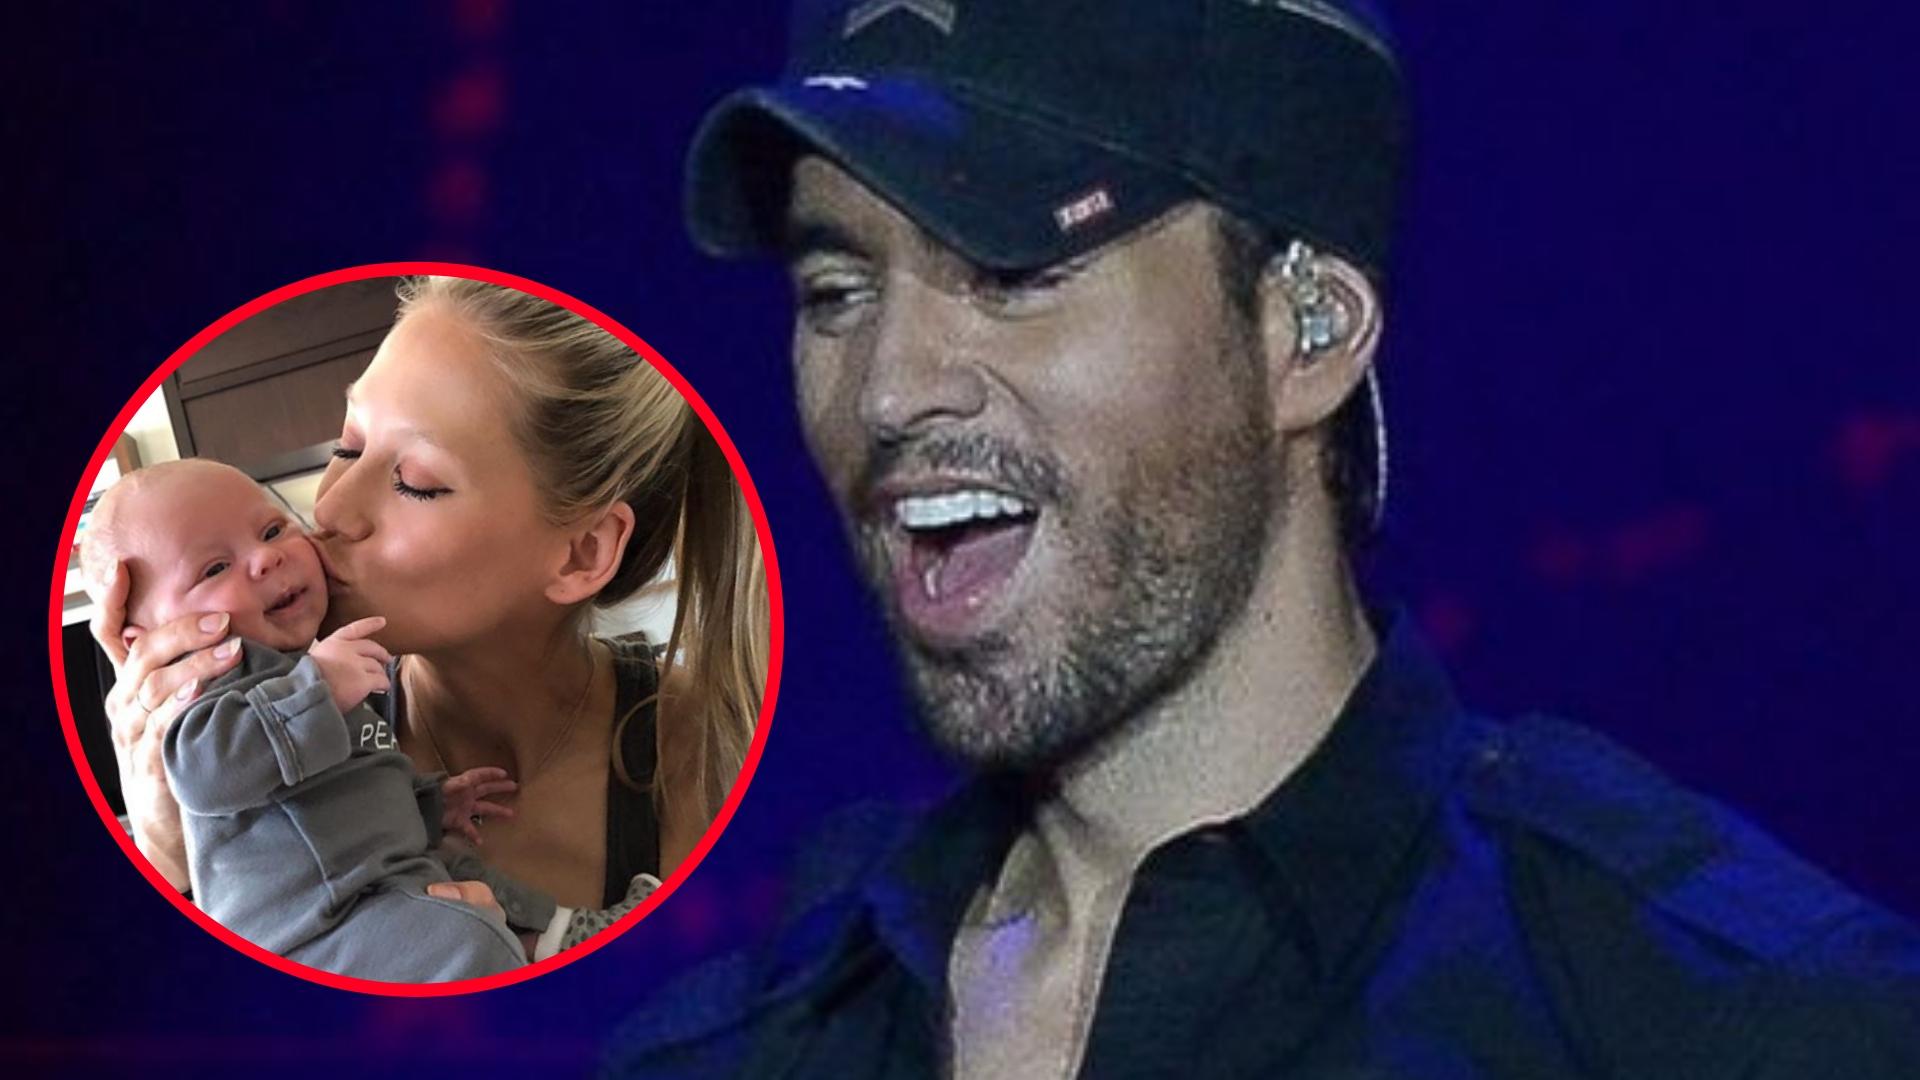 Enrique Iglesias ZDRADZIŁ żonę?! Jest nagranie jak całuje inną! (VIDEO)